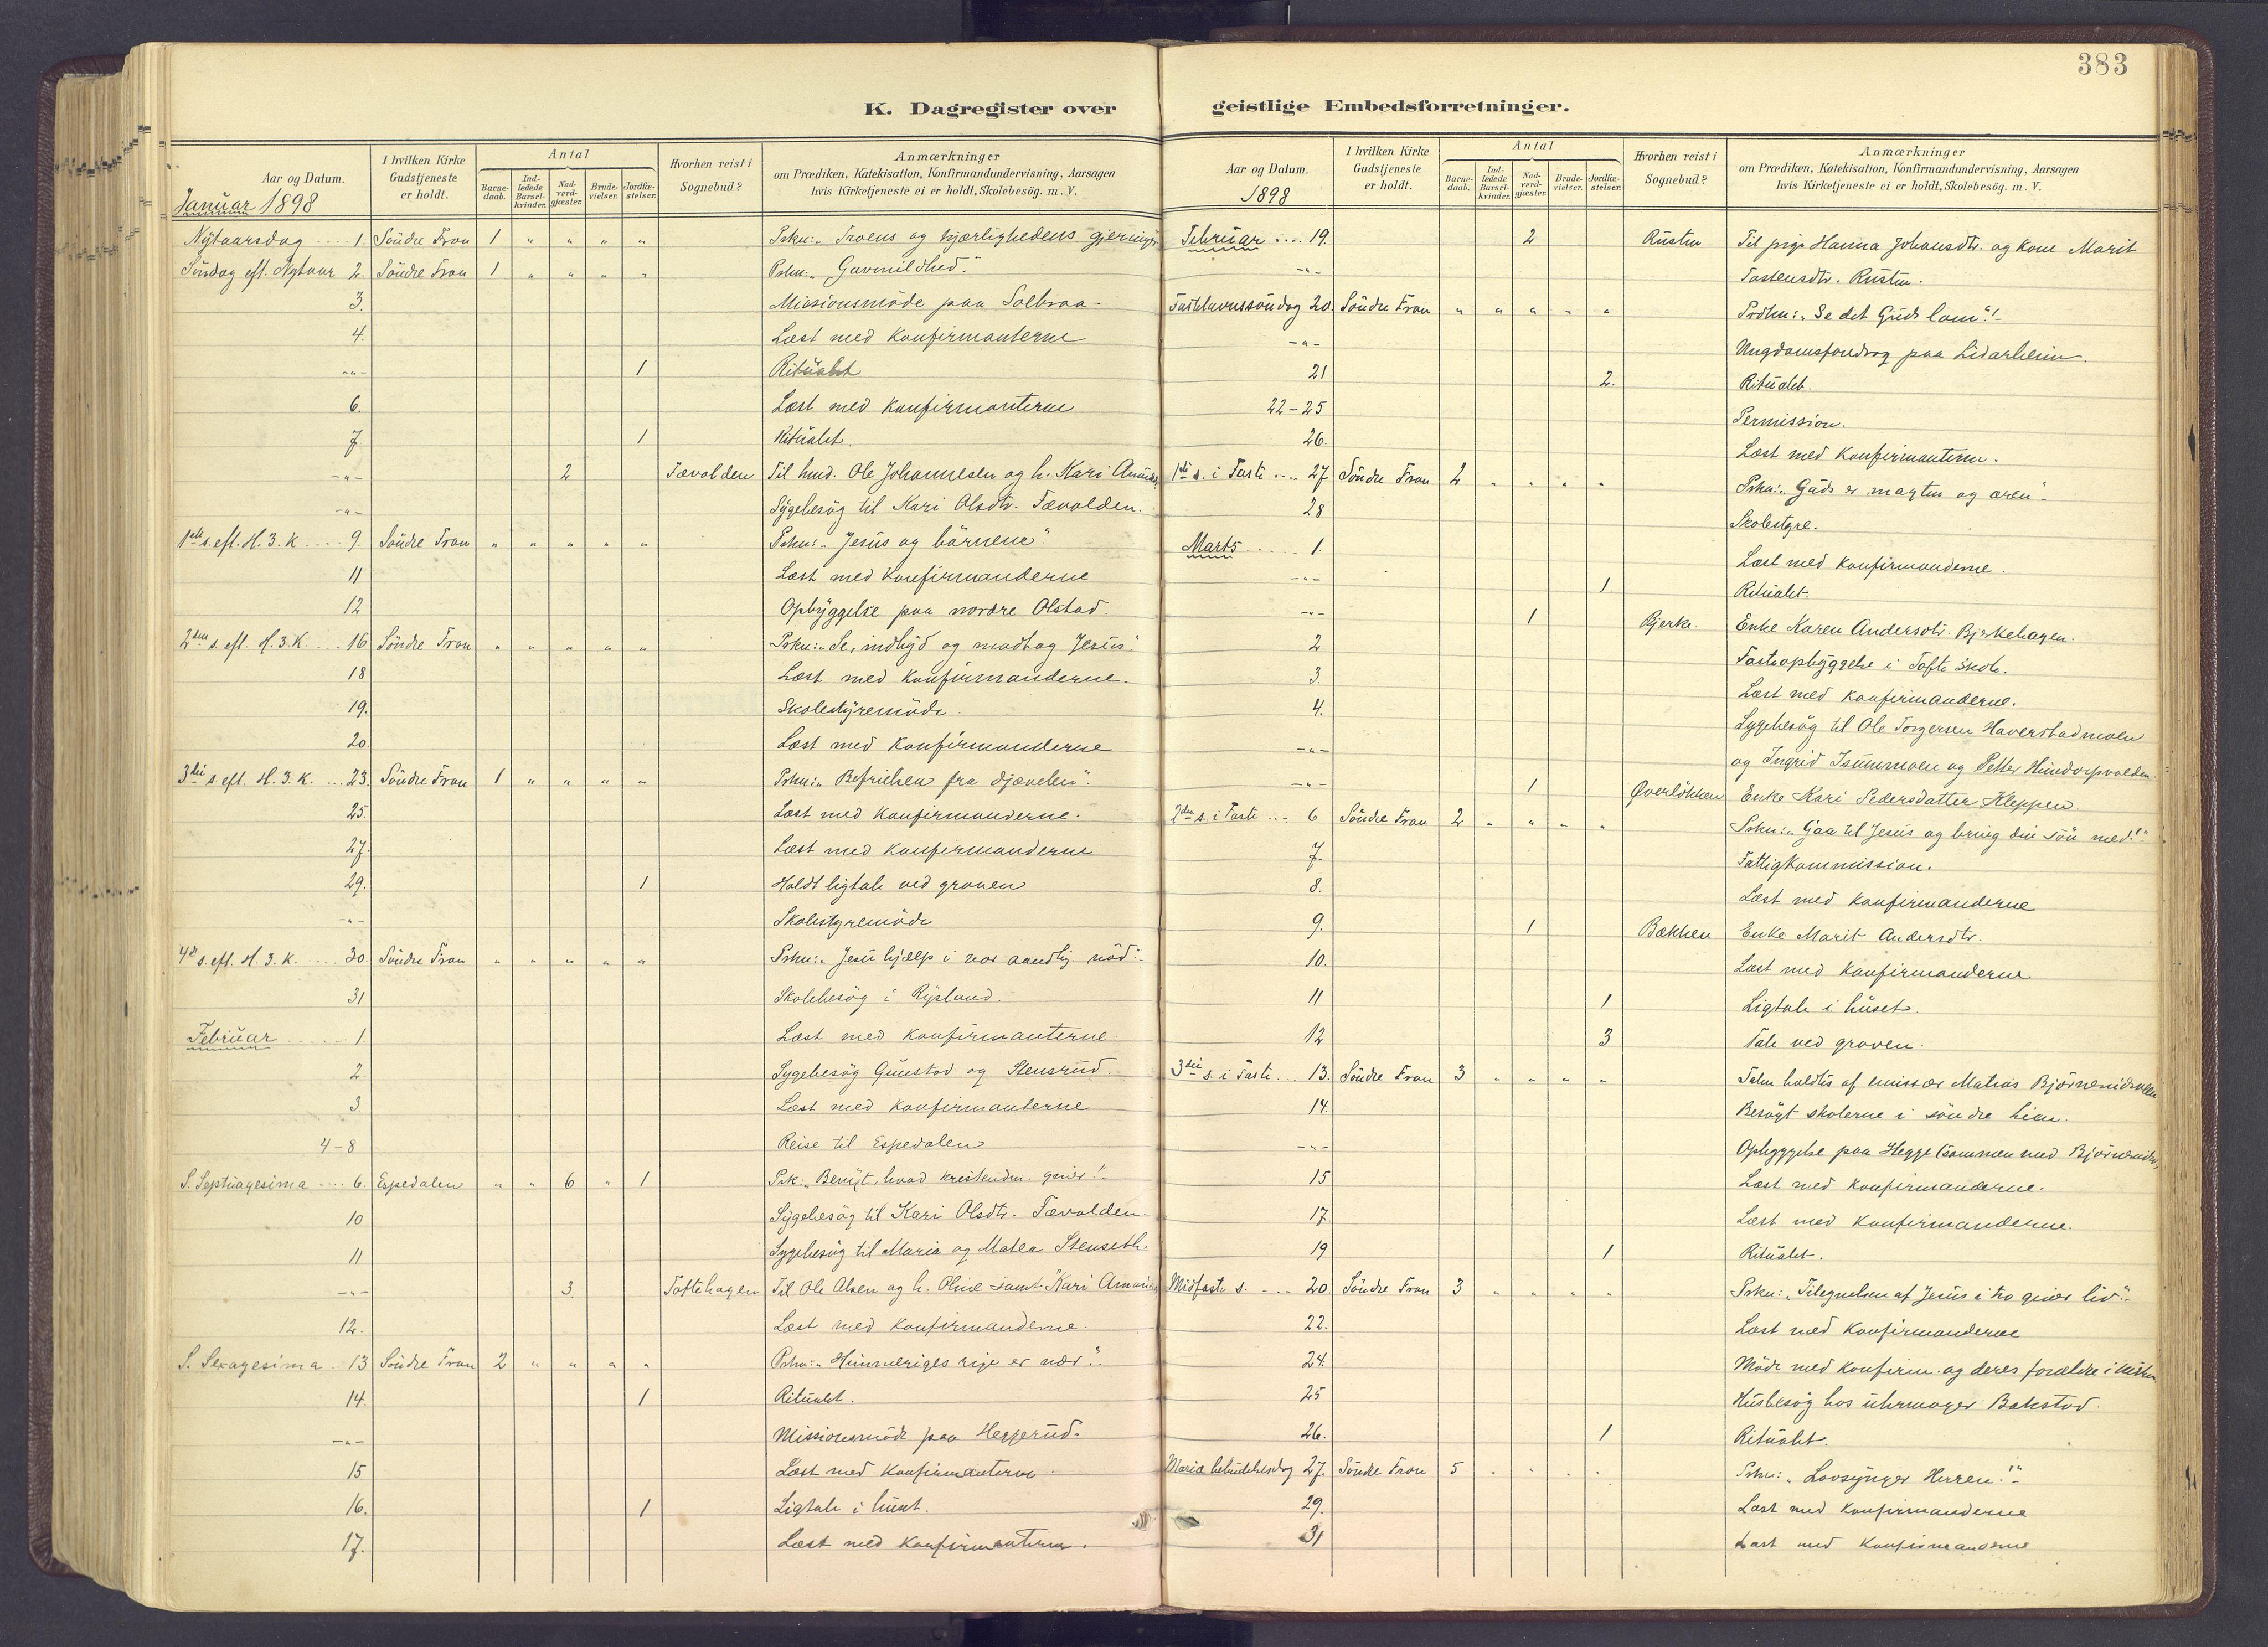 SAH, Sør-Fron prestekontor, H/Ha/Haa/L0004: Ministerialbok nr. 4, 1898-1919, s. 383